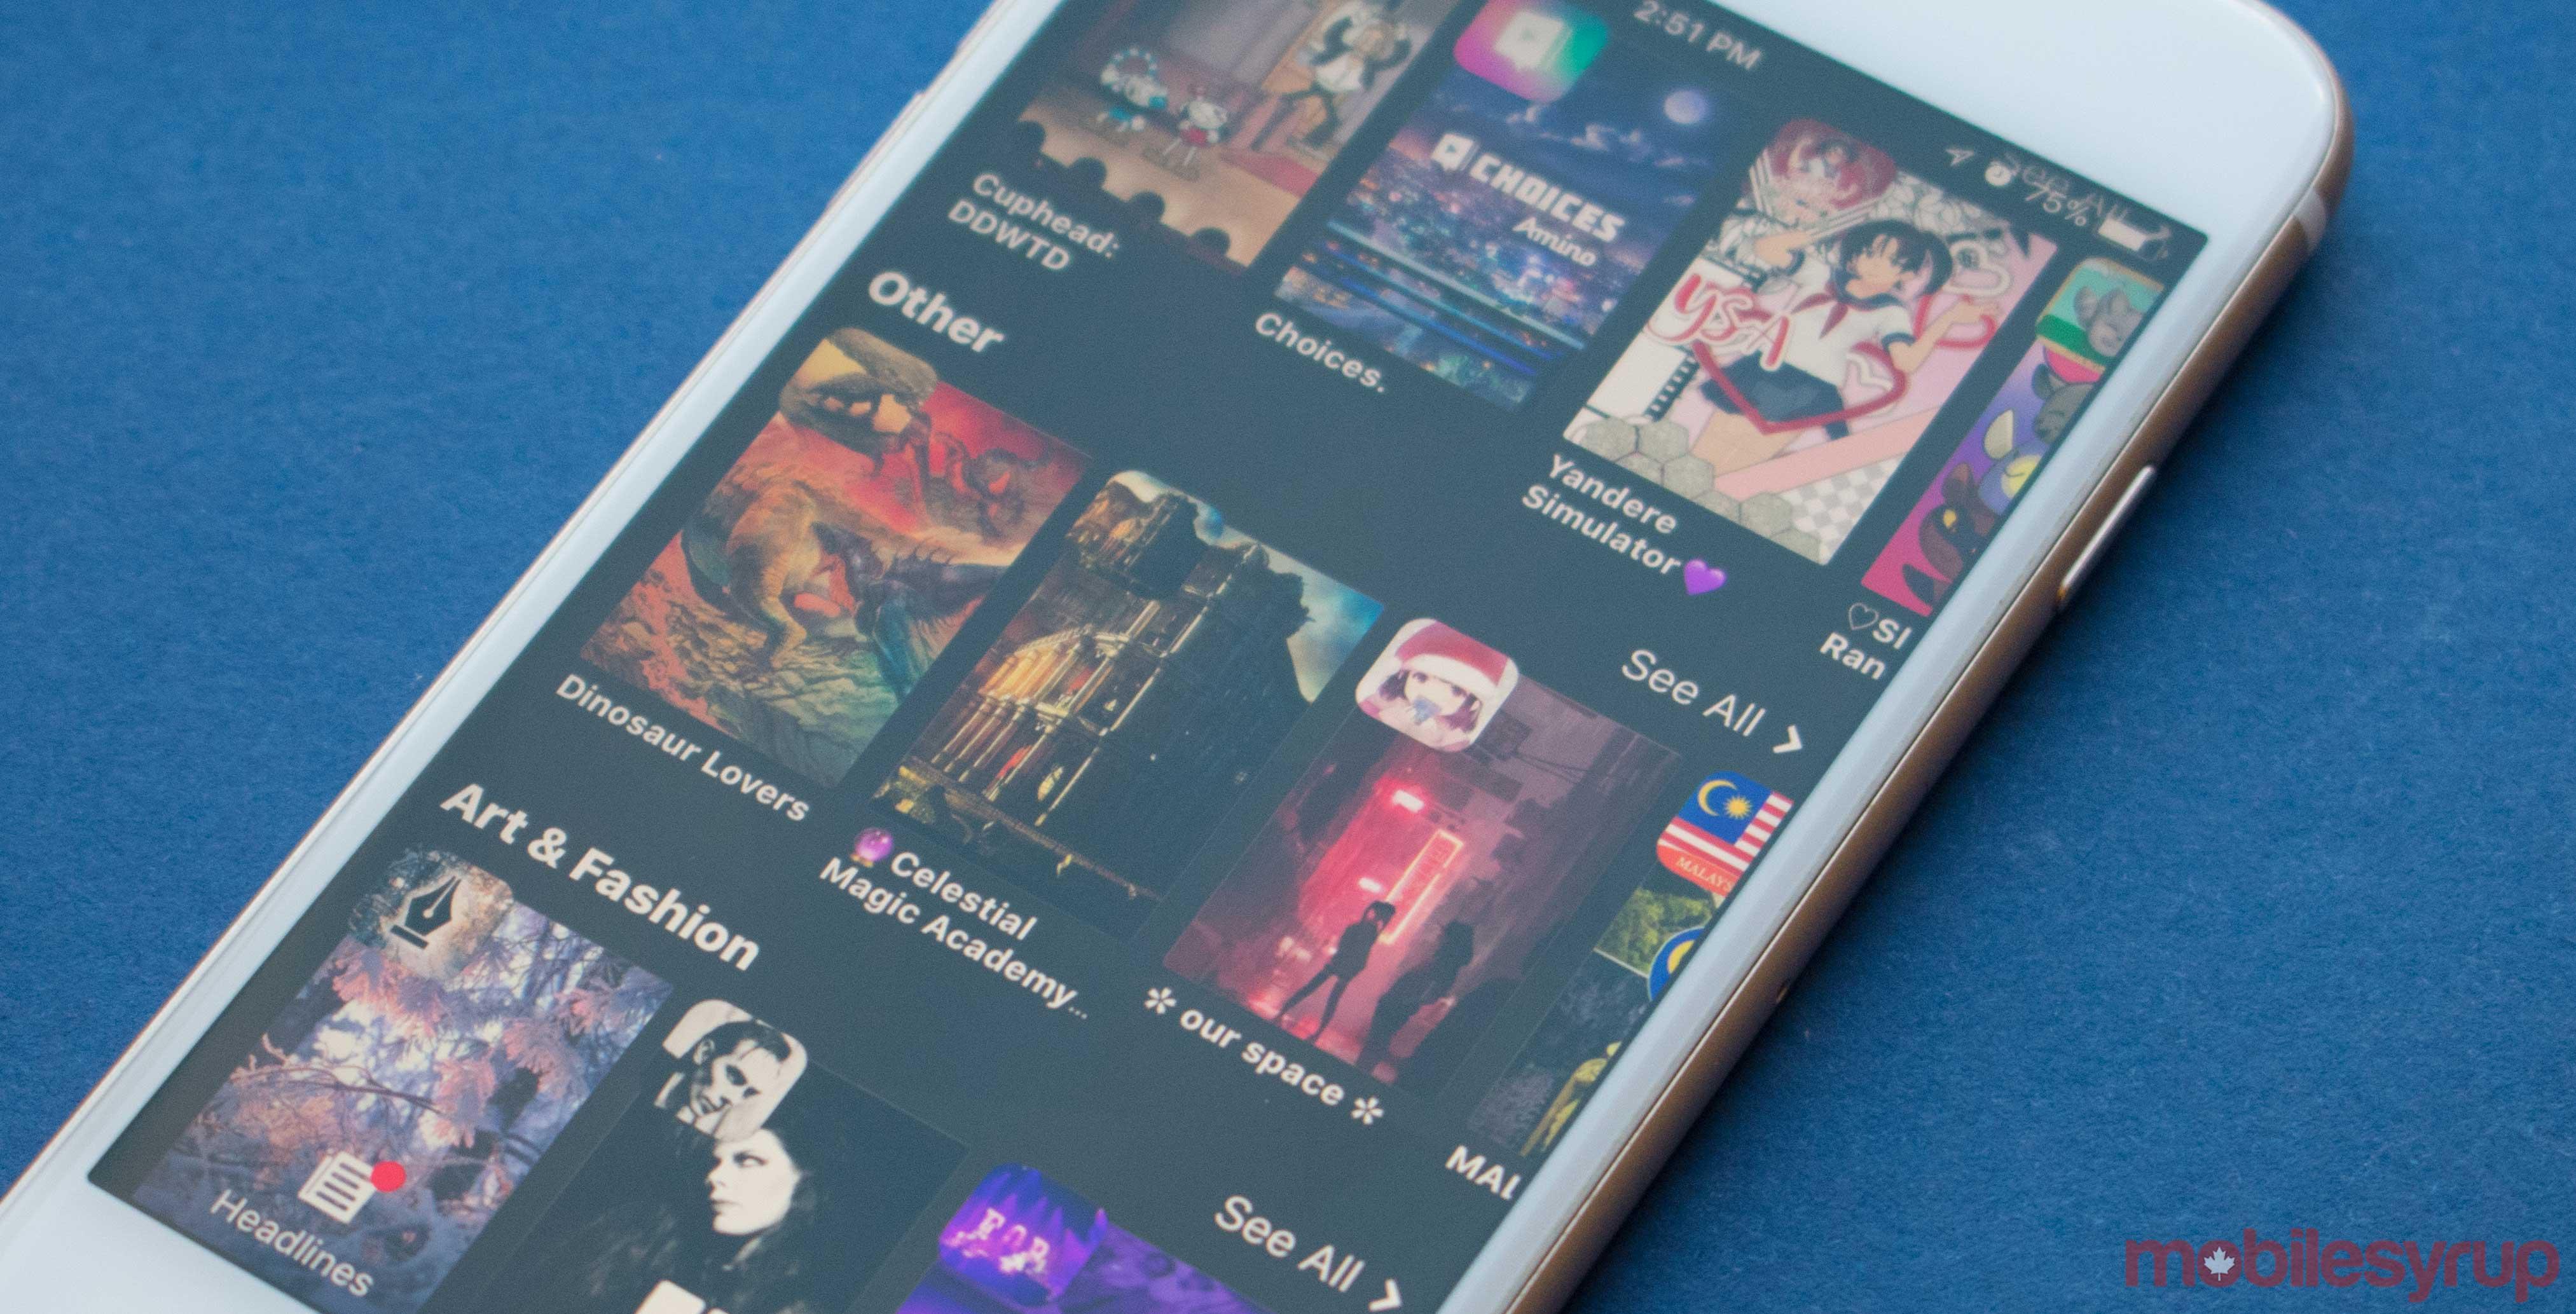 Amino social media app